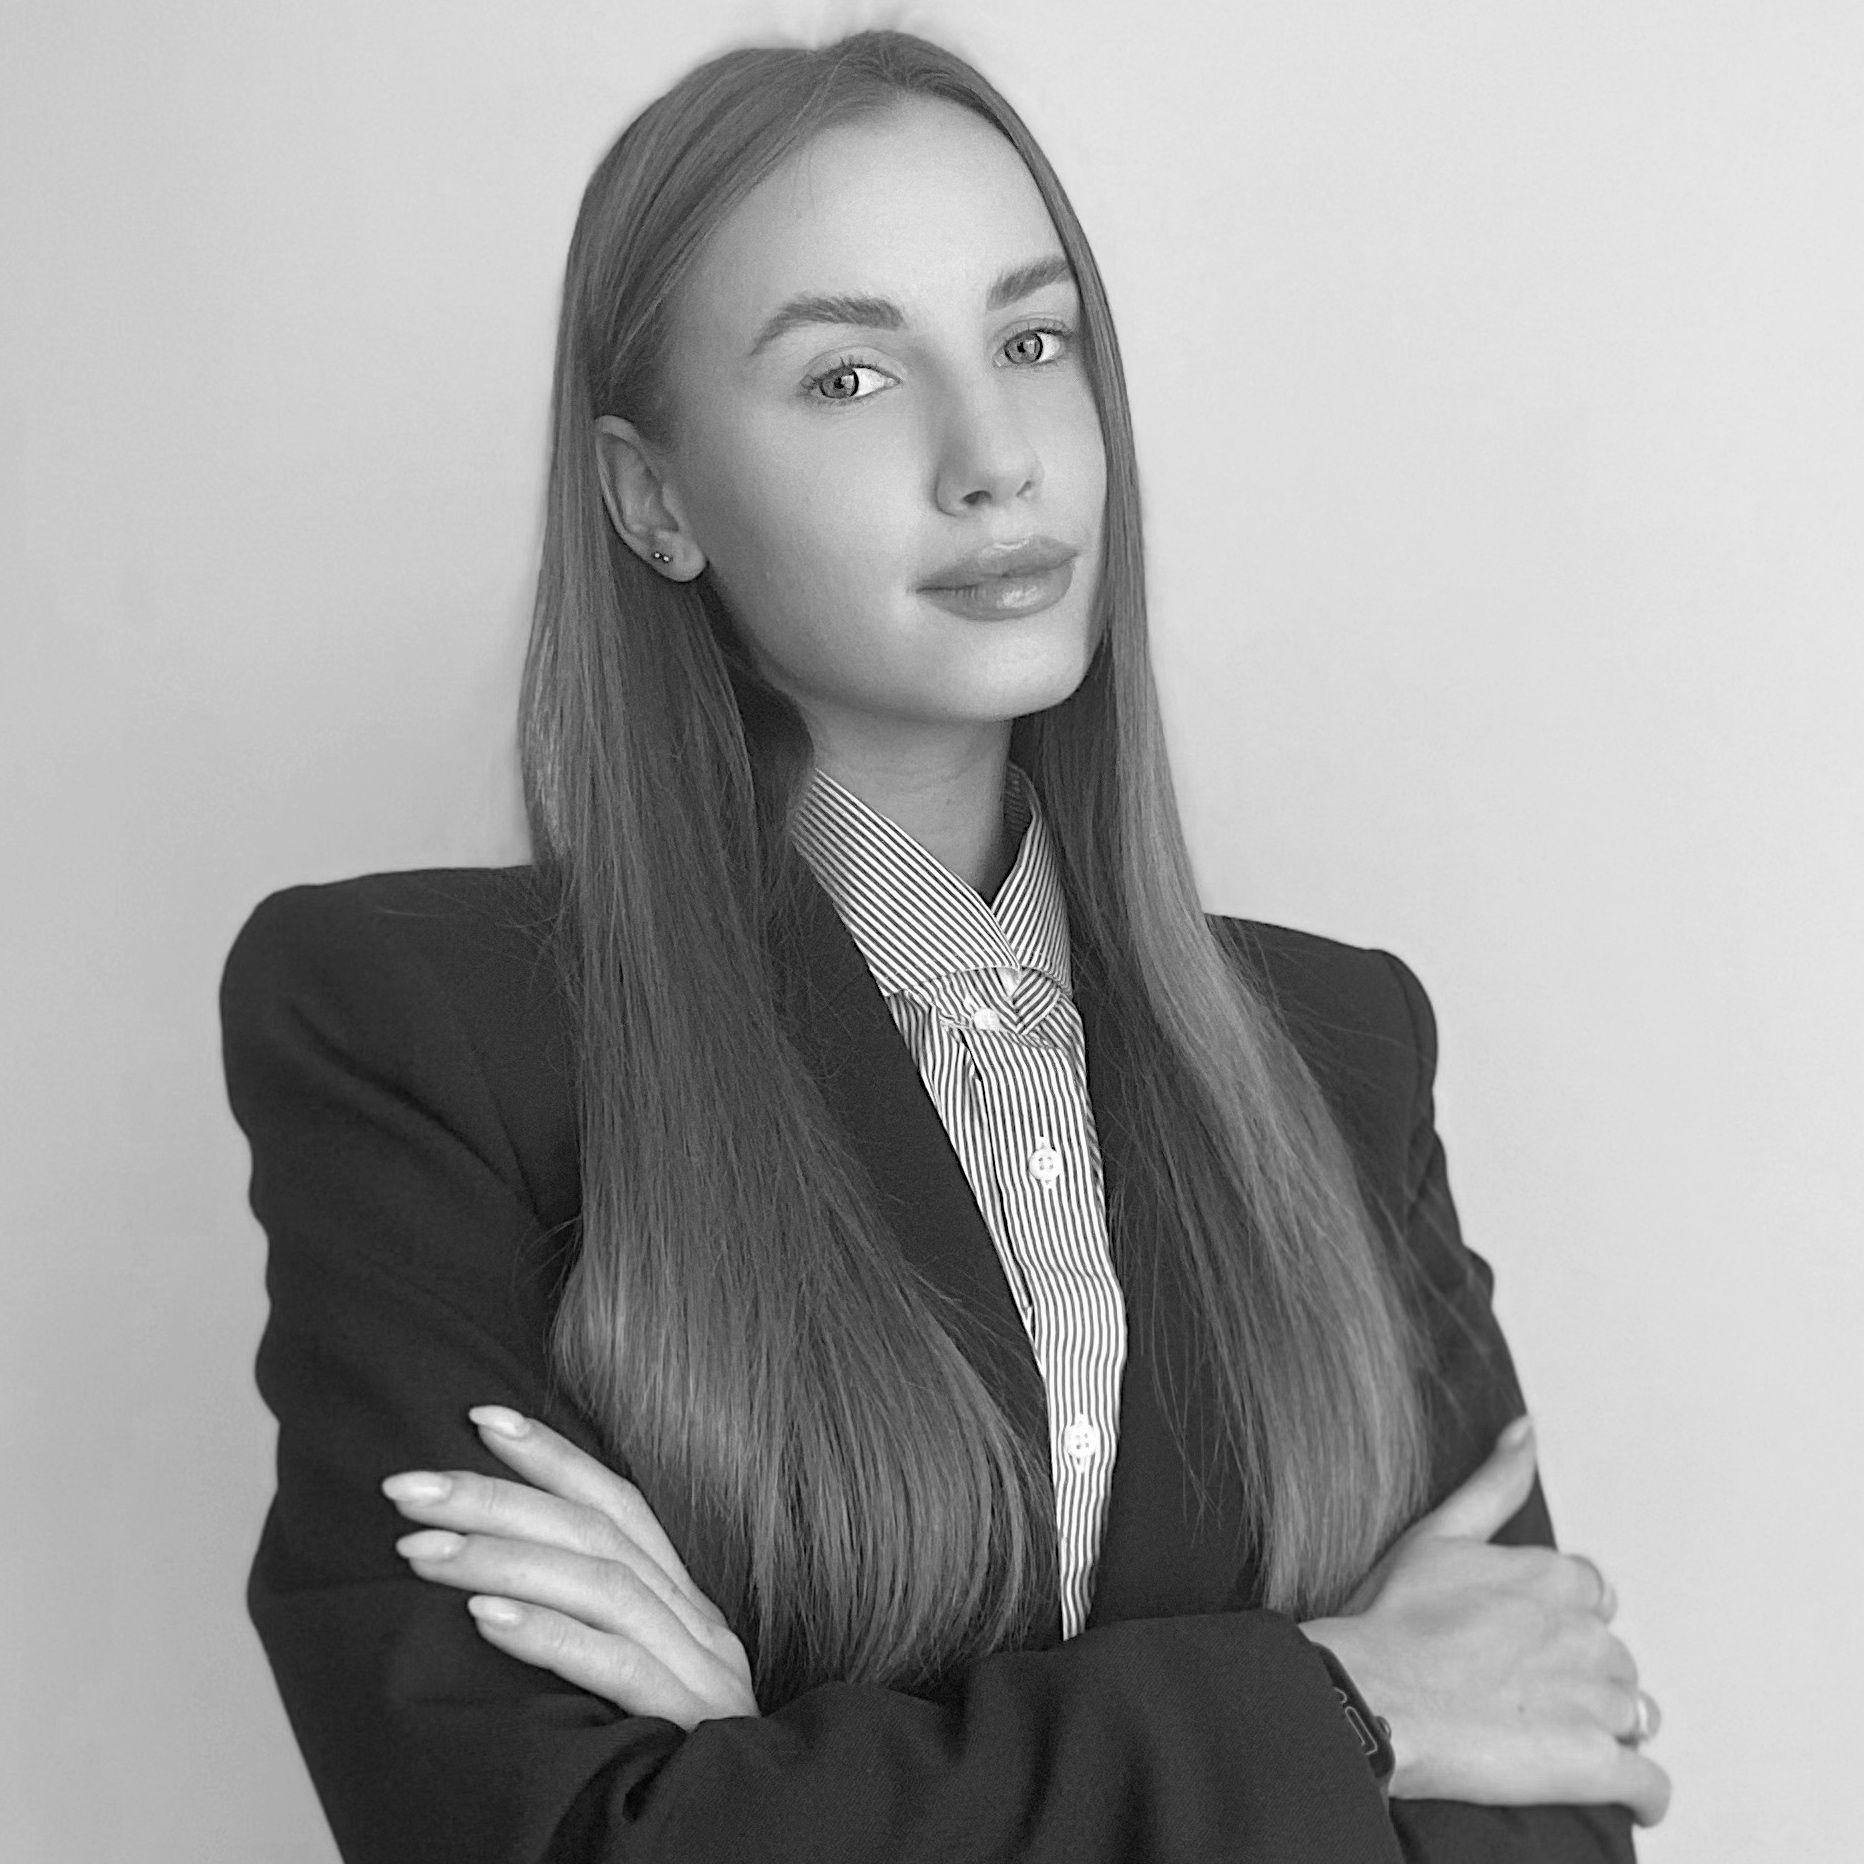 Rūta Butkevičiūtė